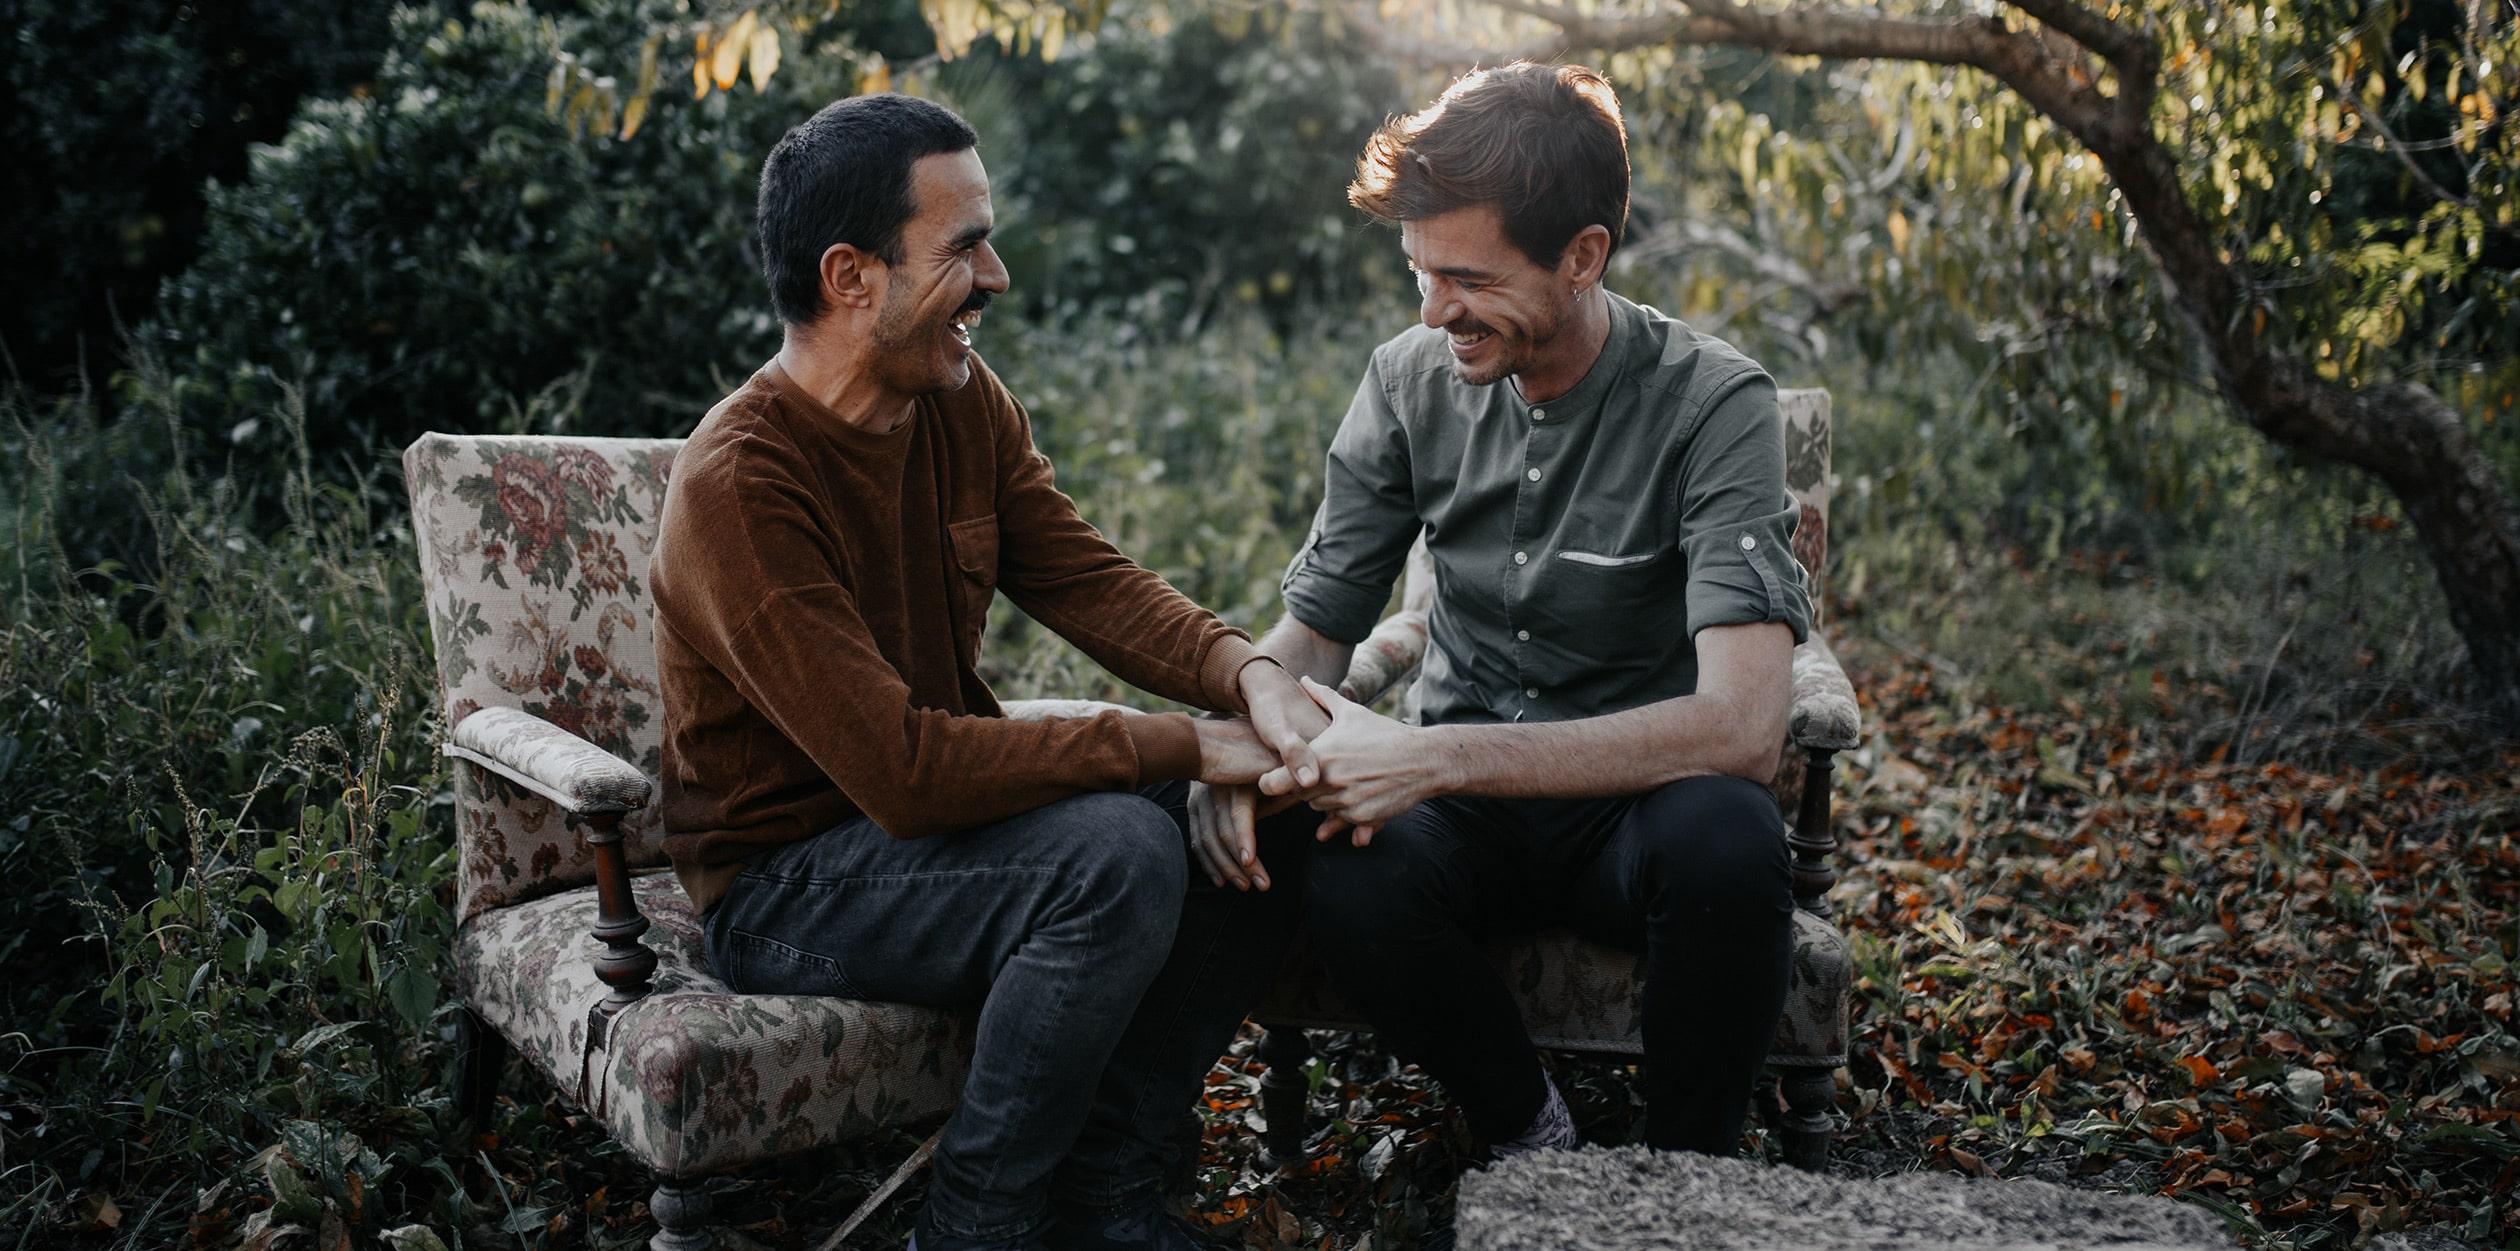 Fotografia pareja gay